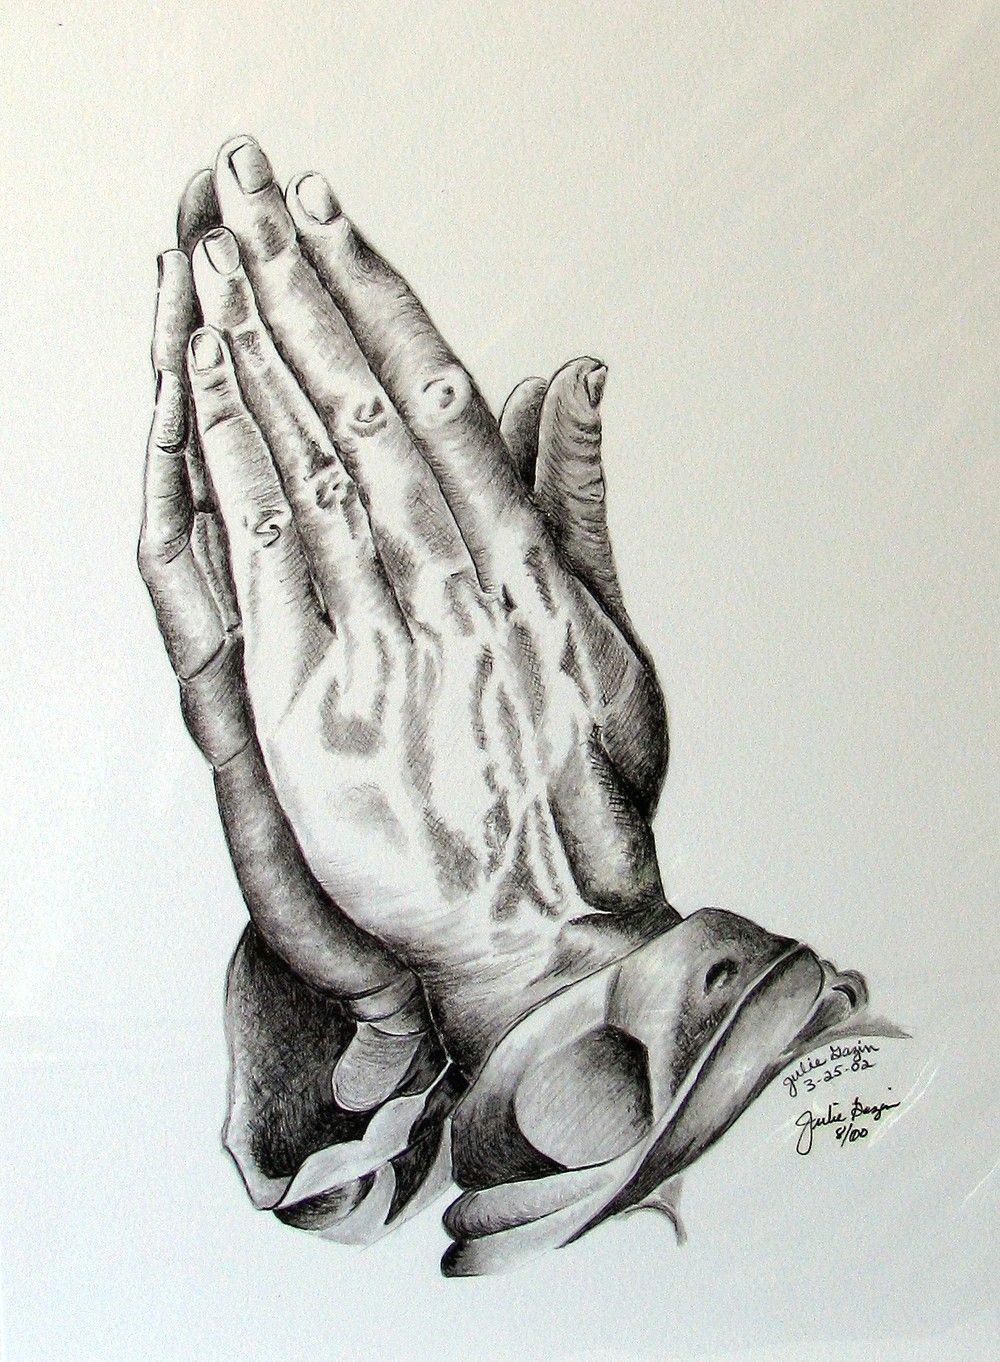 pix for jesus praying hands drawing